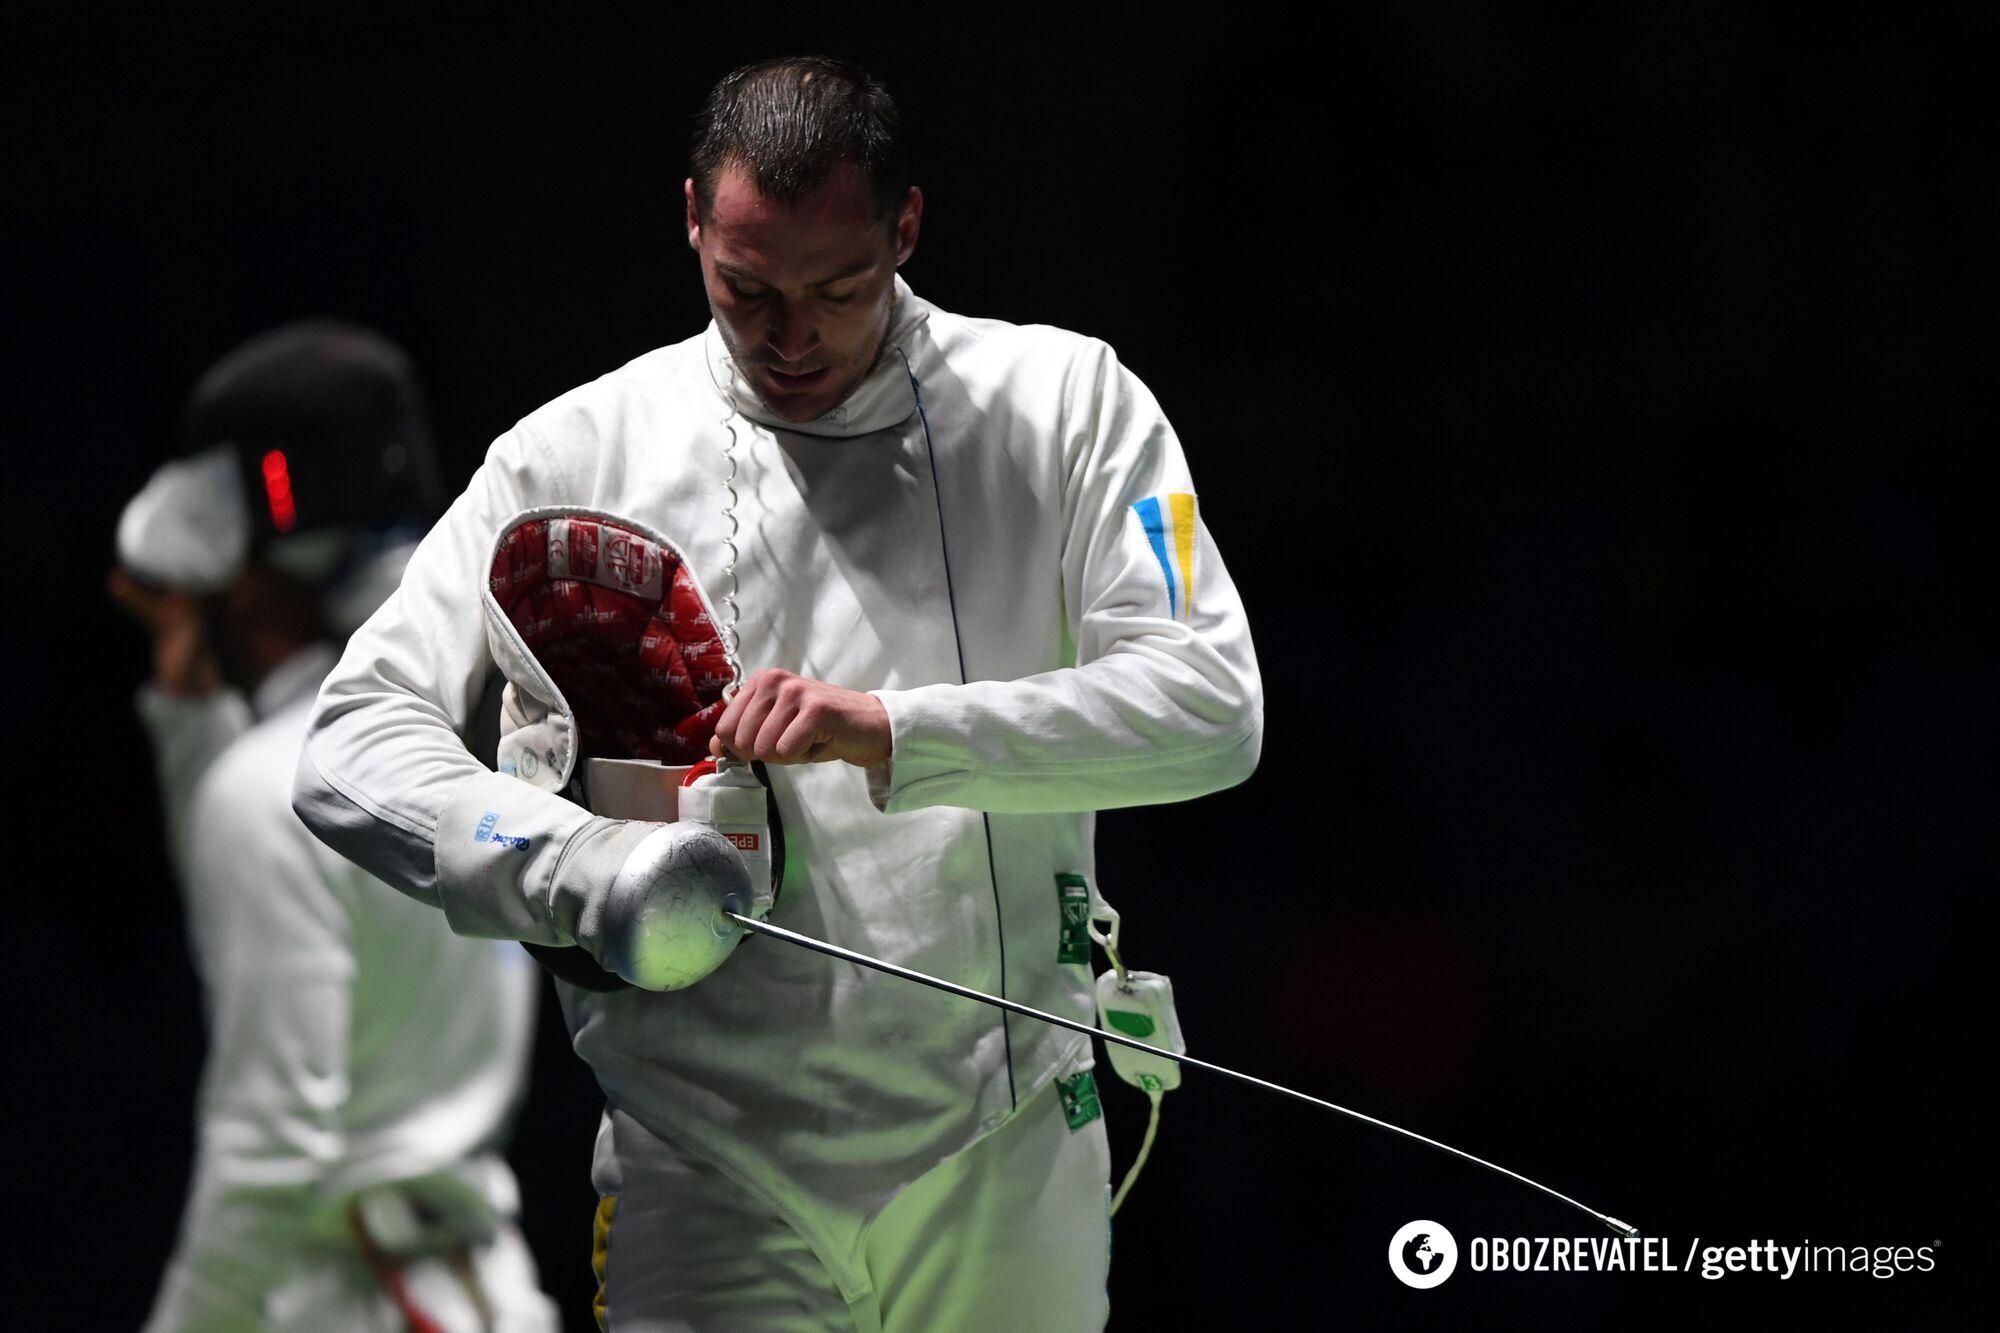 Богдан Никишин занял четвертое место в Рио-де-Жанейро